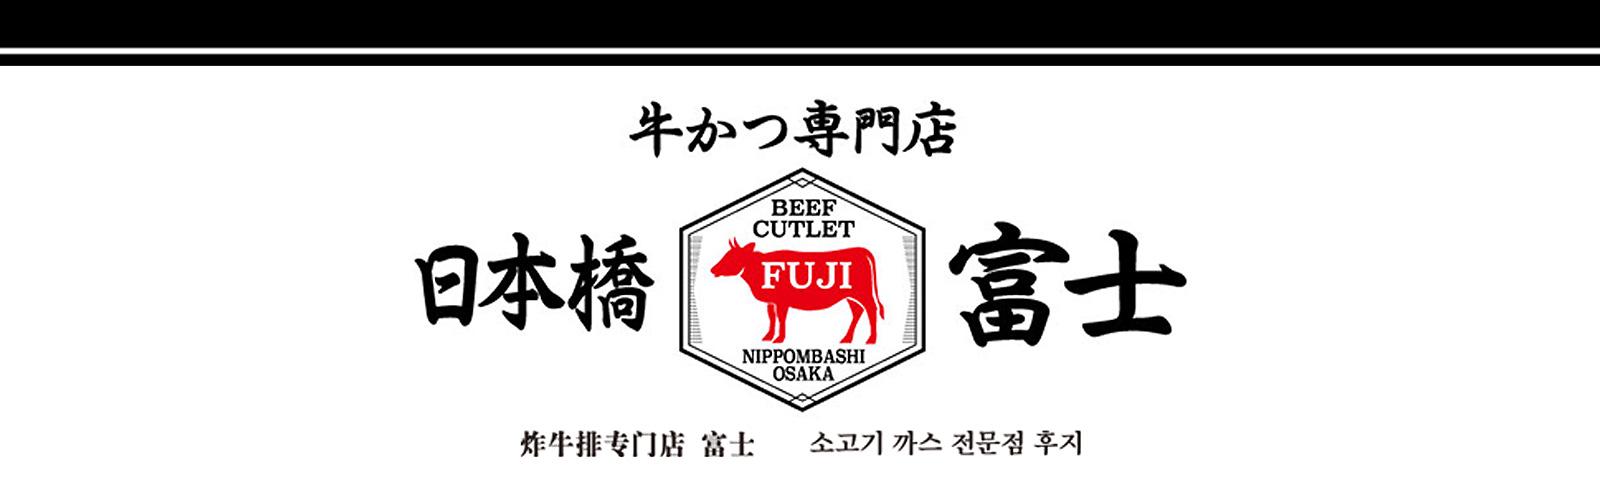 牛かつ専門店 日本橋 富士(大阪・日本橋)